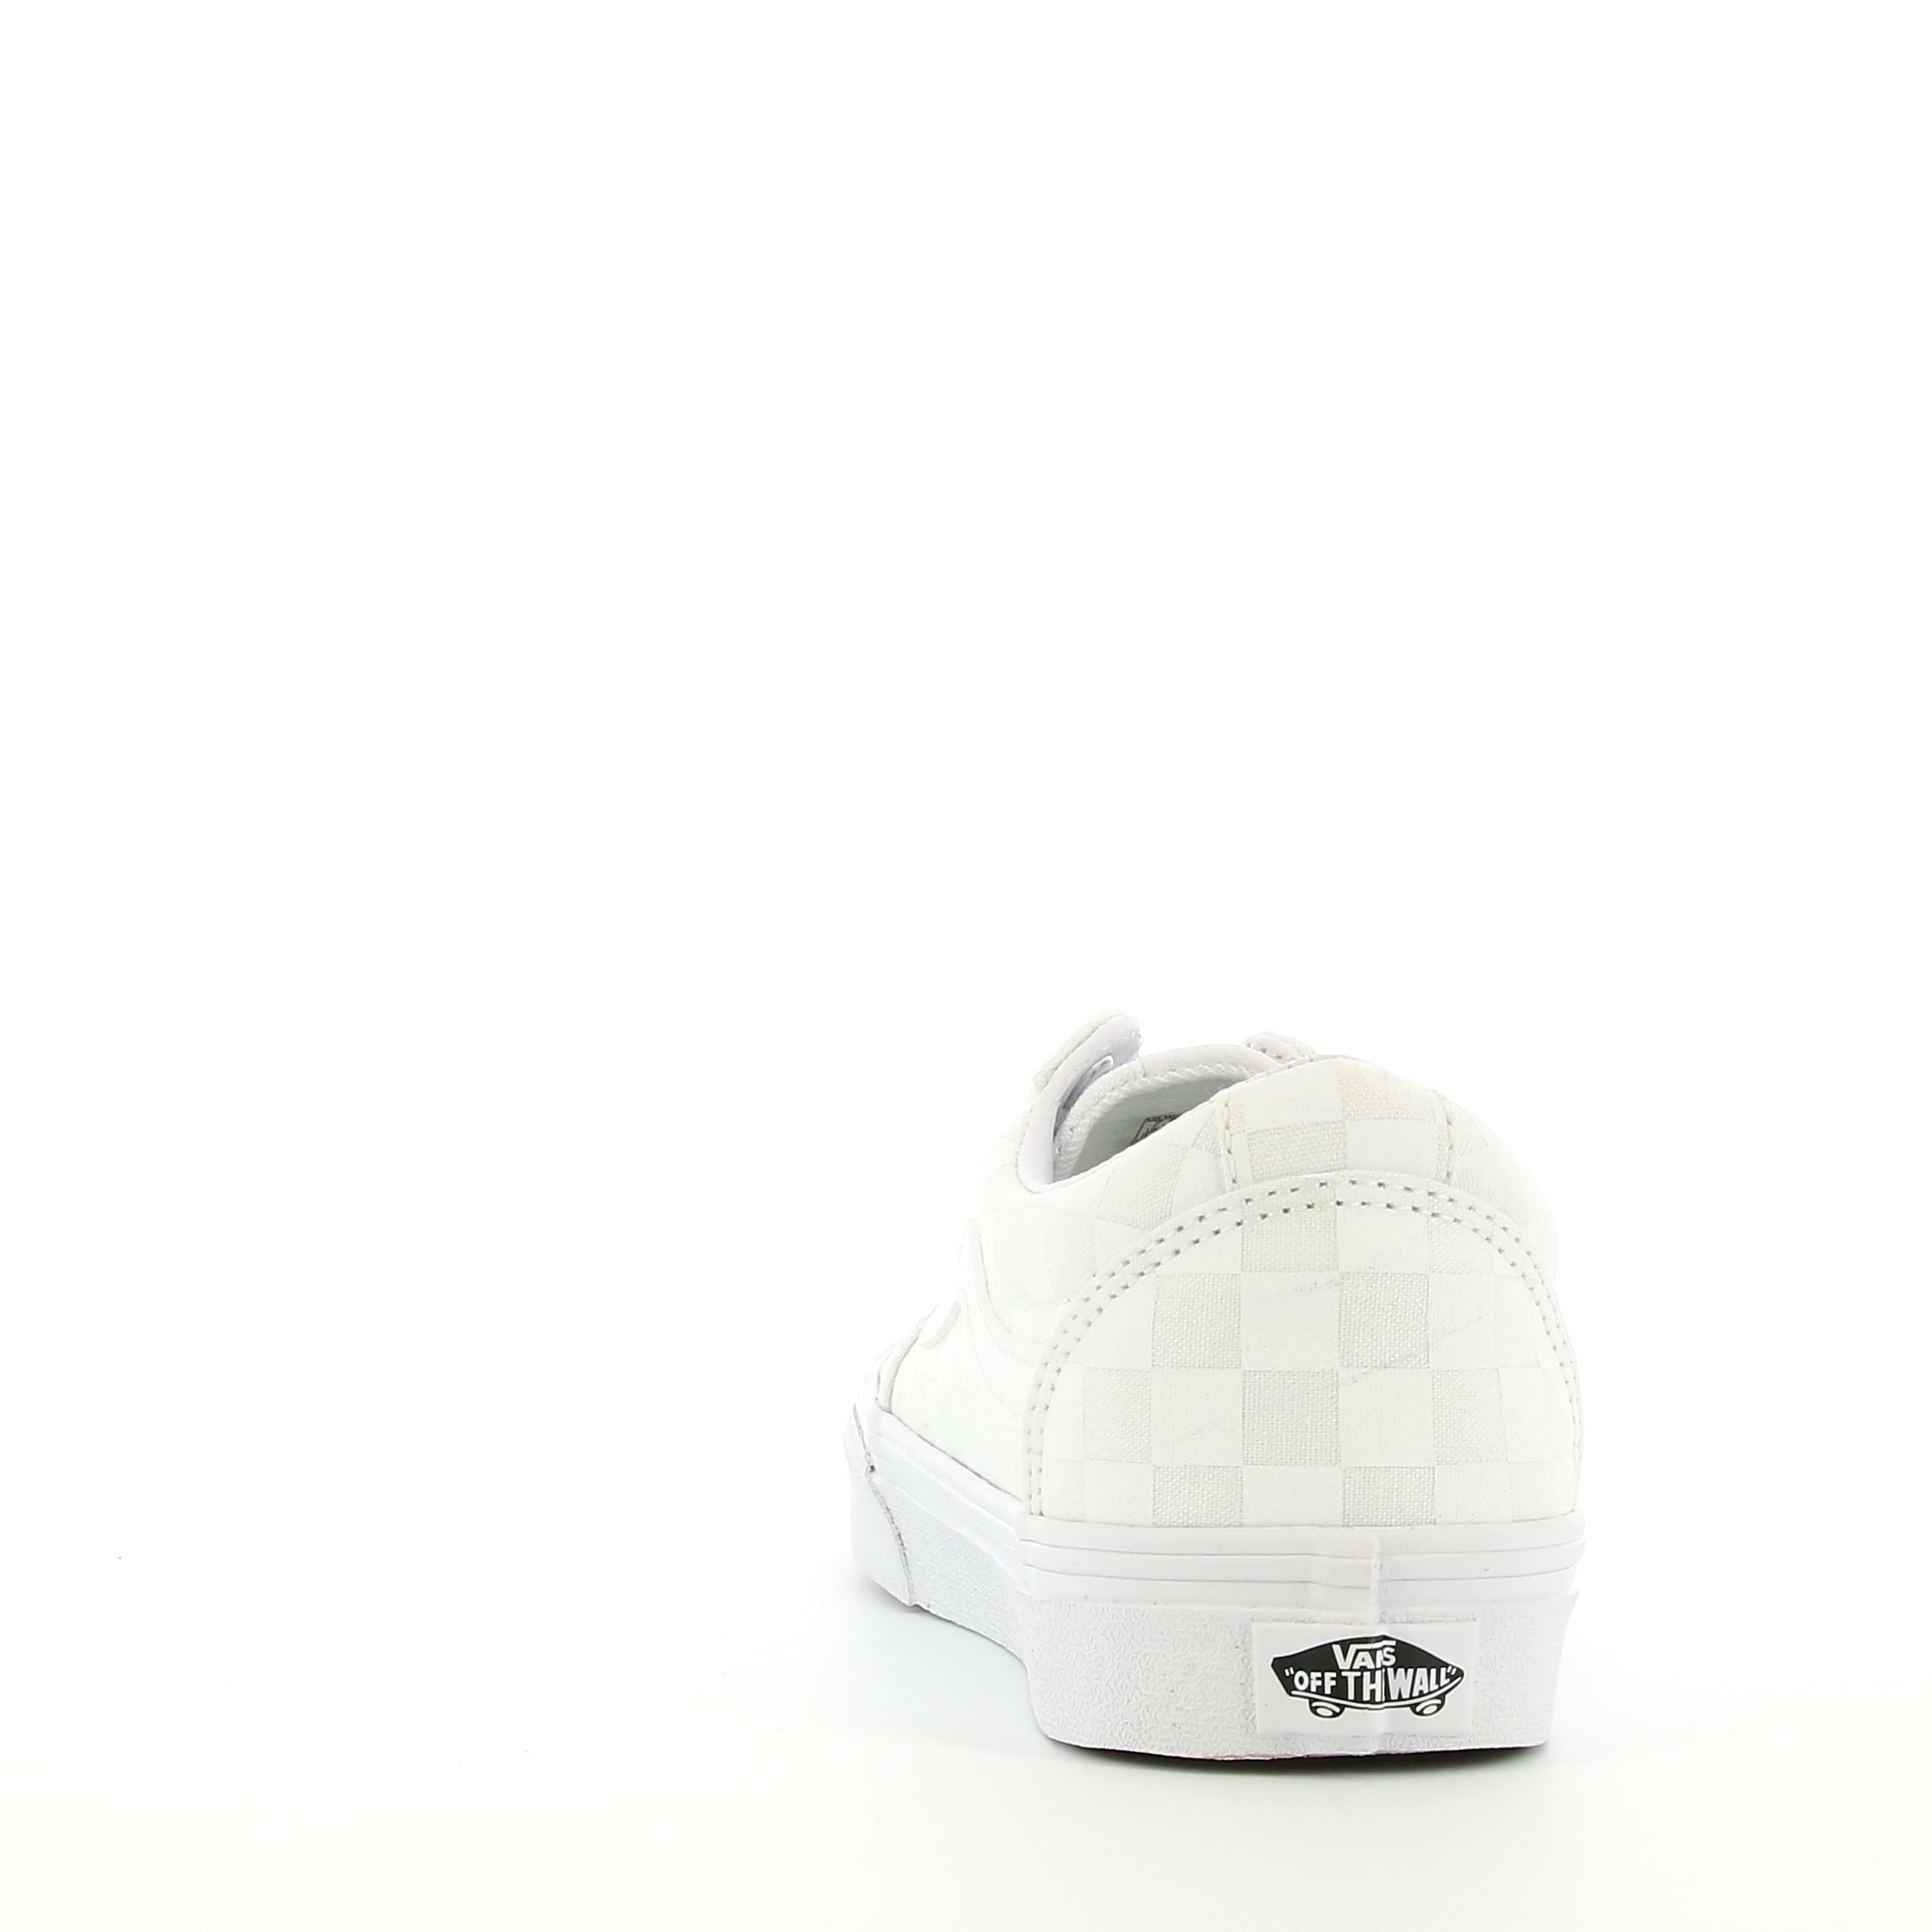 vans vans ward canvas donna vn0a3iunw511 bianca sneaker donna